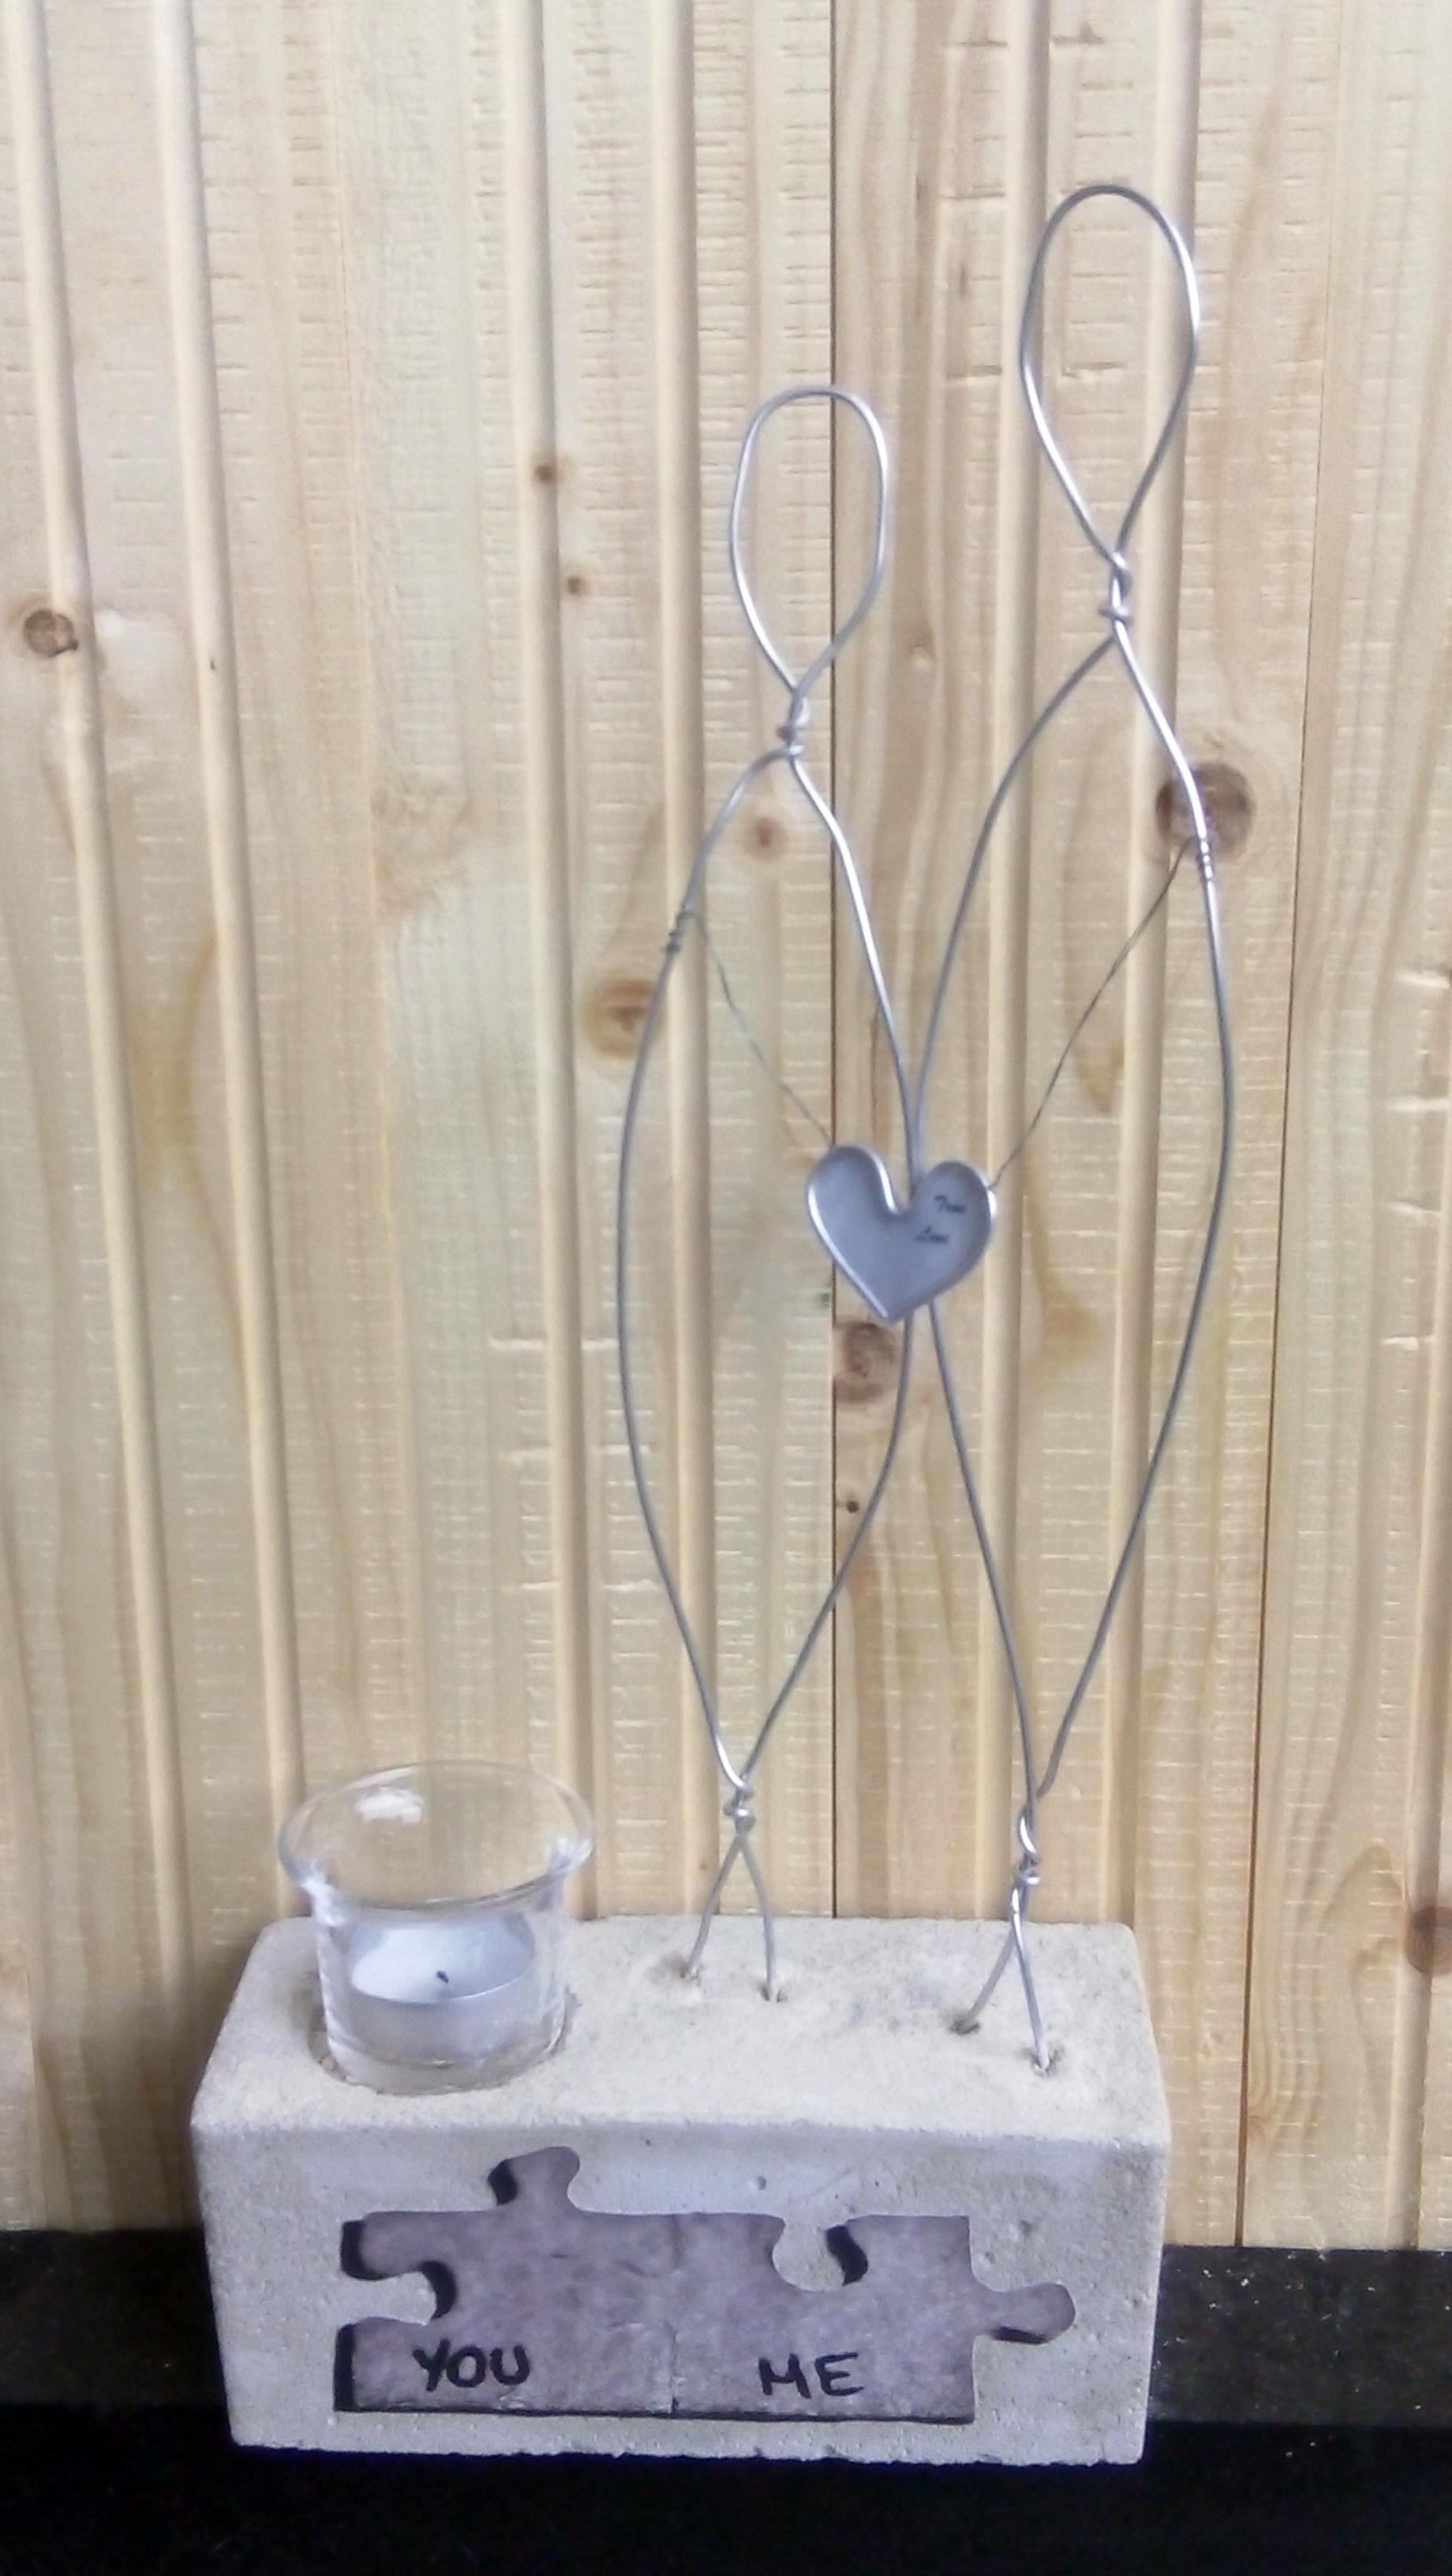 Der nächste Beton Klotz folgte bald: Liebespaar mit Kerze verziert mit einem Herz aus Papierdraht und hinterlegt mit einem Papierausdruck 'True love'. Dank Bastelkleber wird es haltbar.  Die Puzzleteile sind ebenfalls aus aufgeklebt.